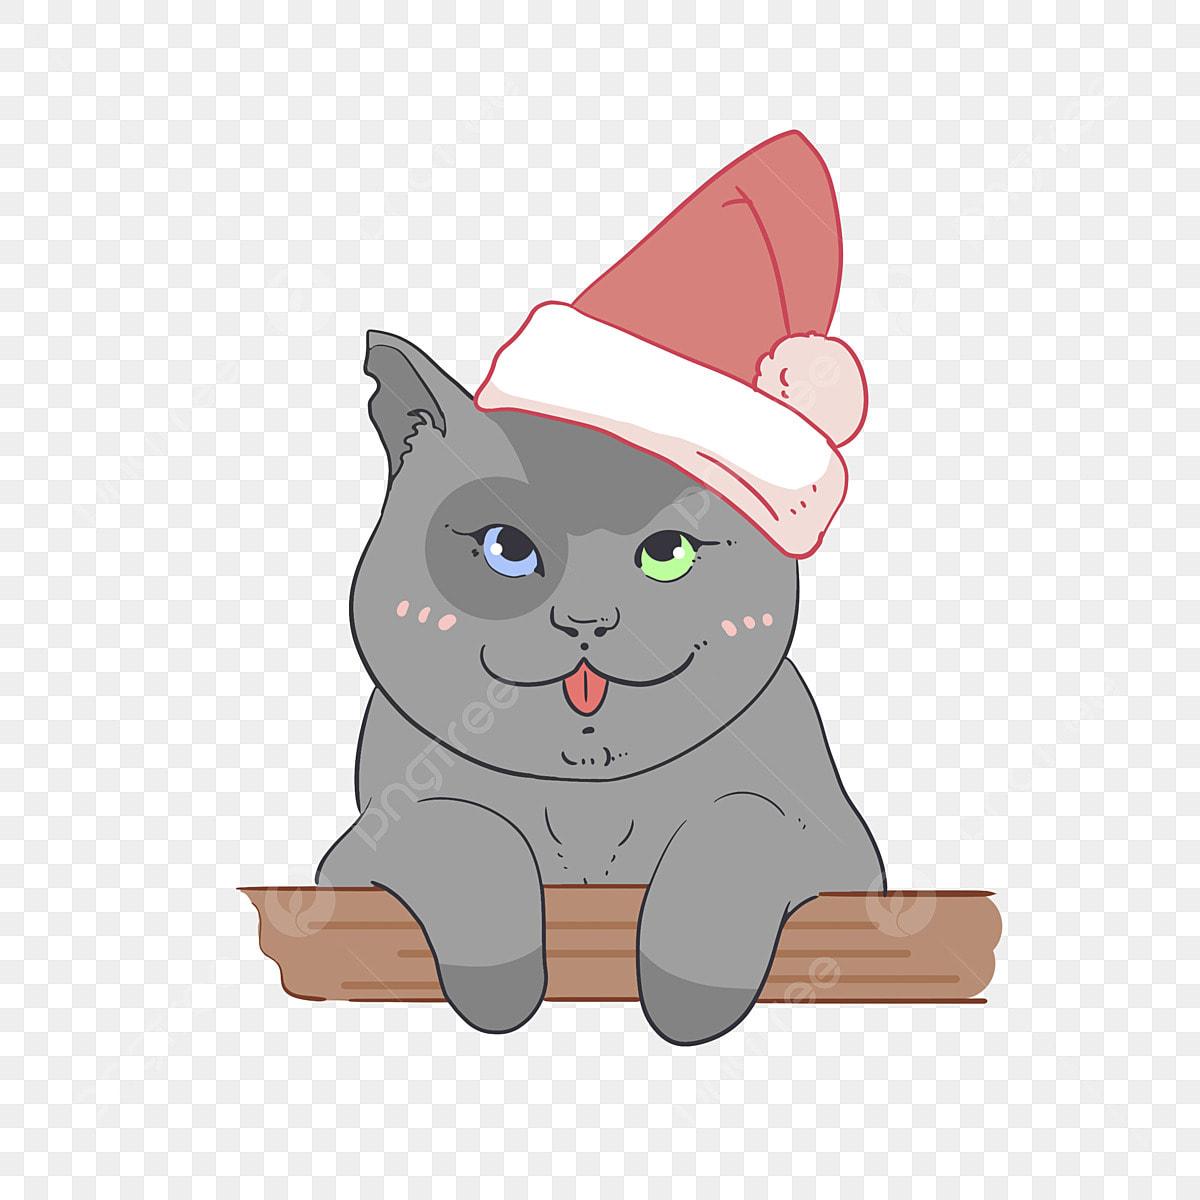 帽子をかぶった猫 動物 アニメ キャラクタークリップ画像と